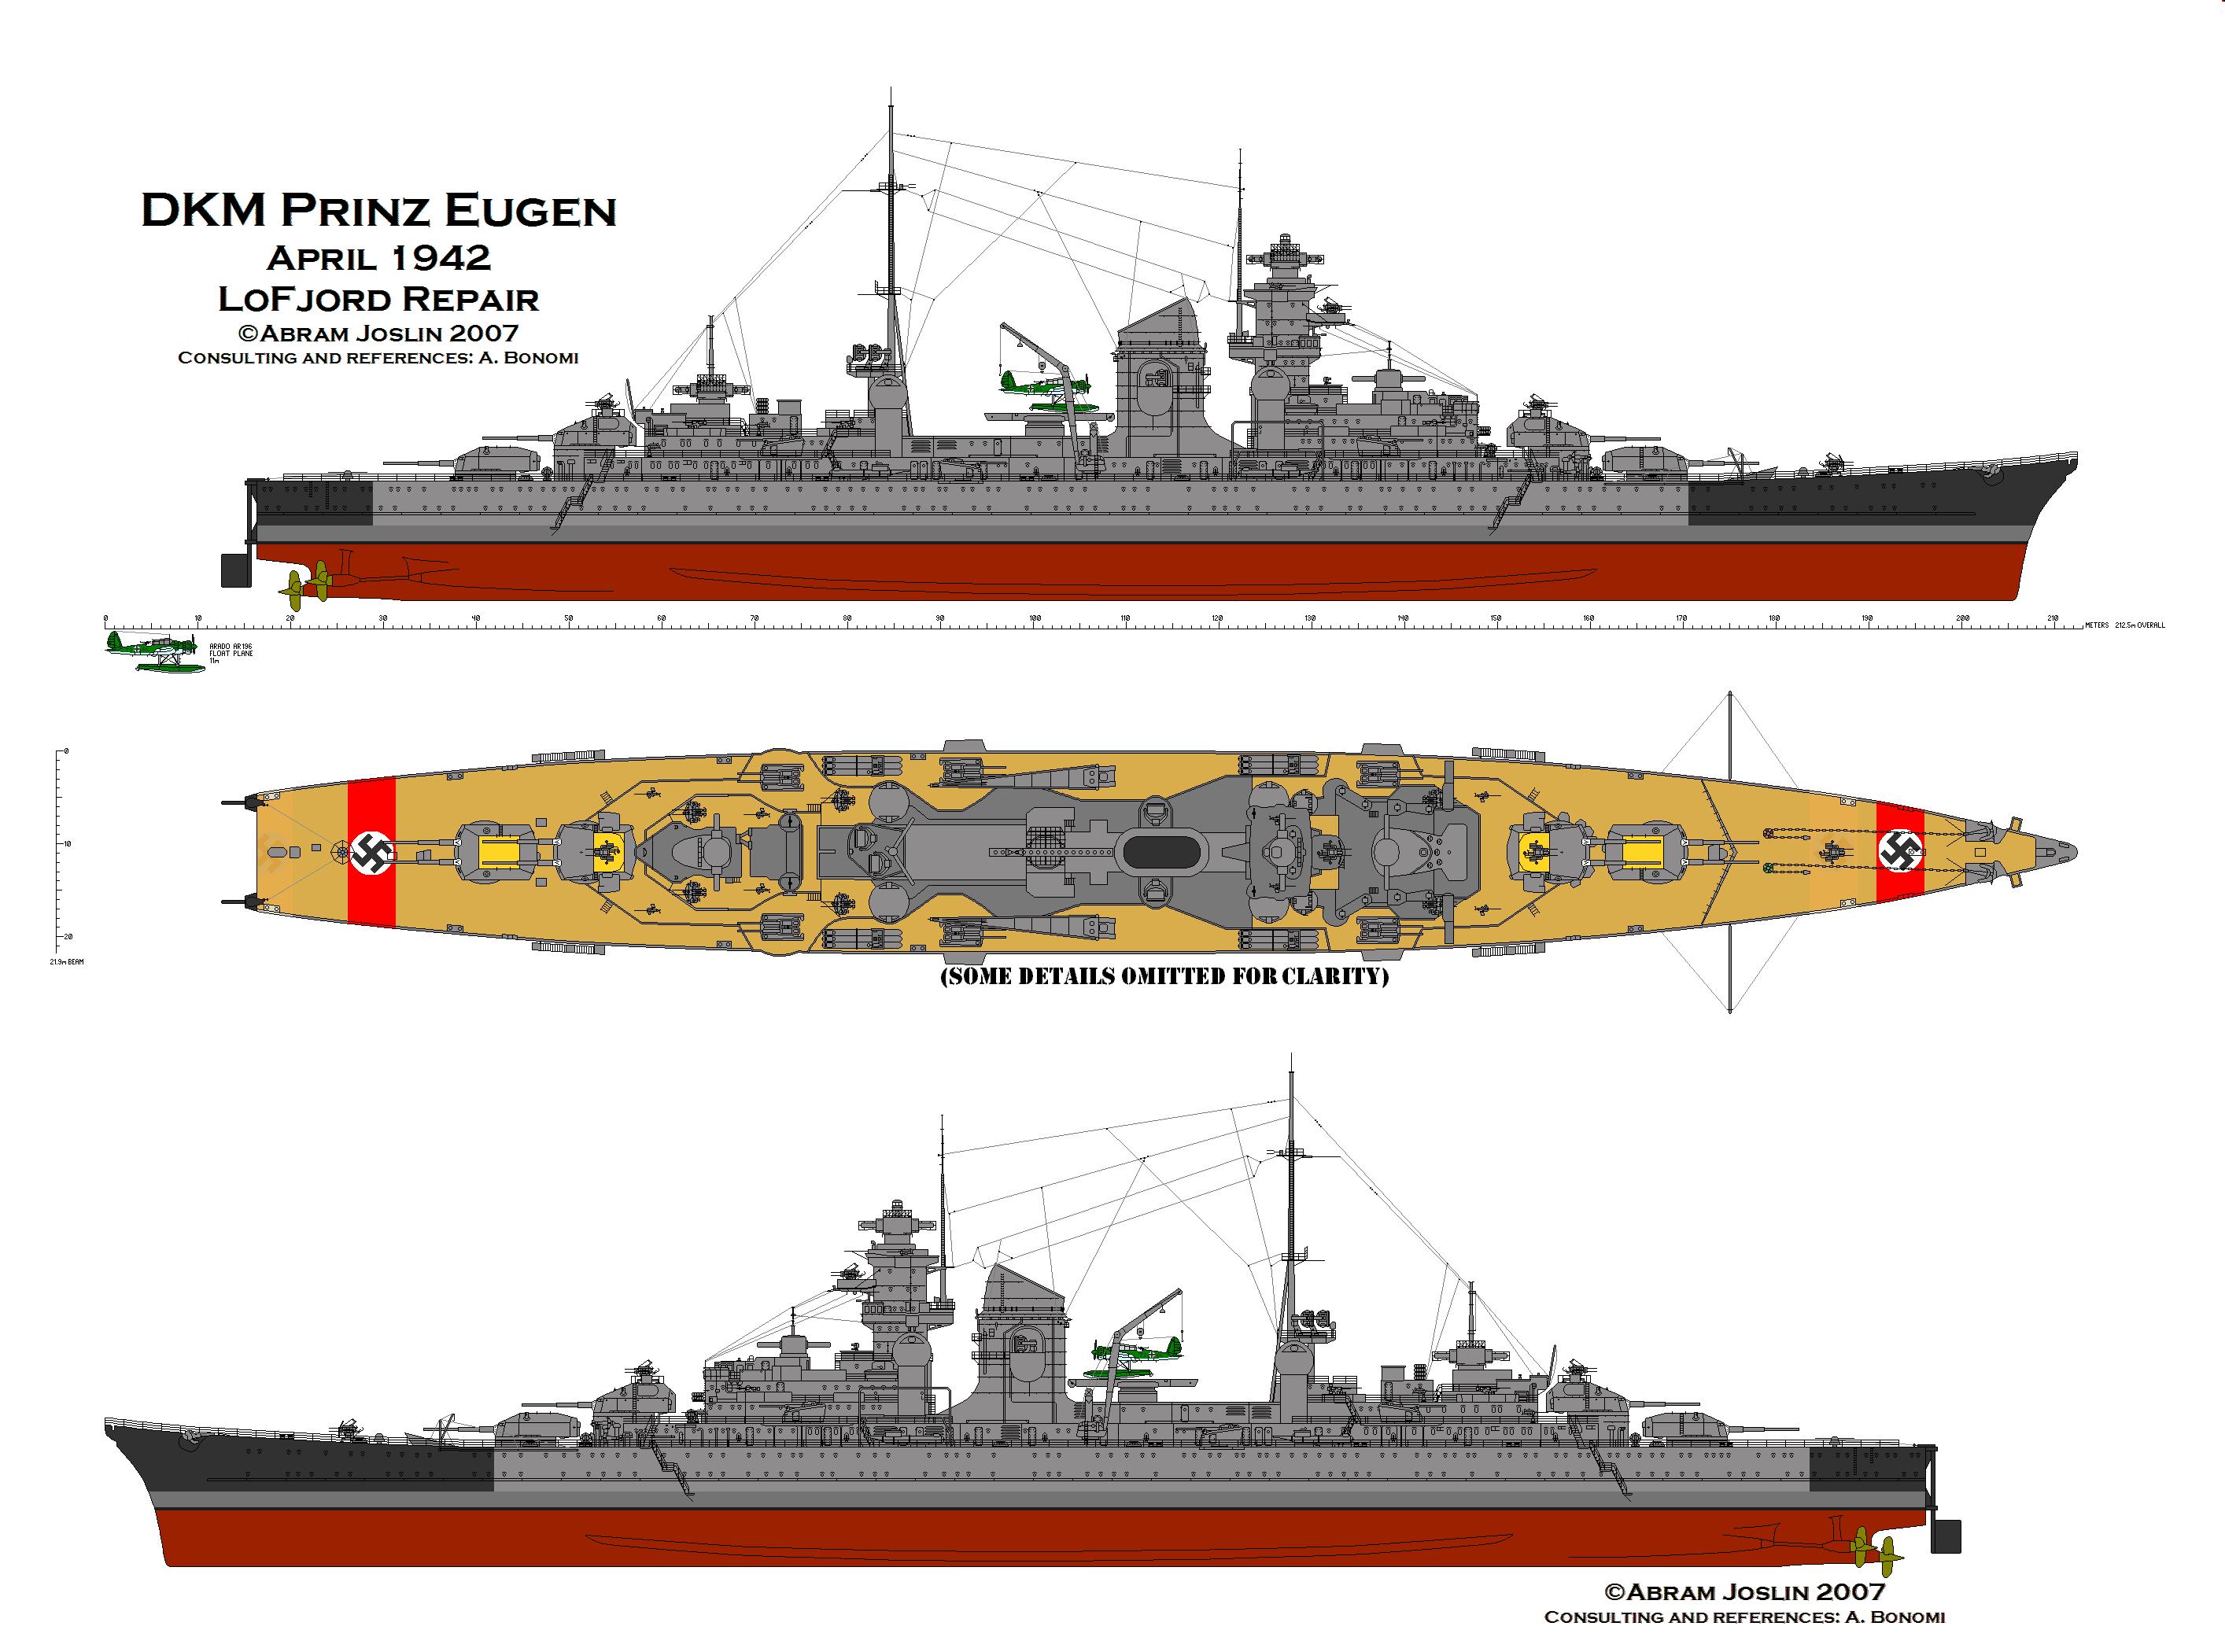 Les projets de bateaux de l'axe(toutes marques et toutes échelles confondues). - Page 2 10Prinz-Eugen-April1942